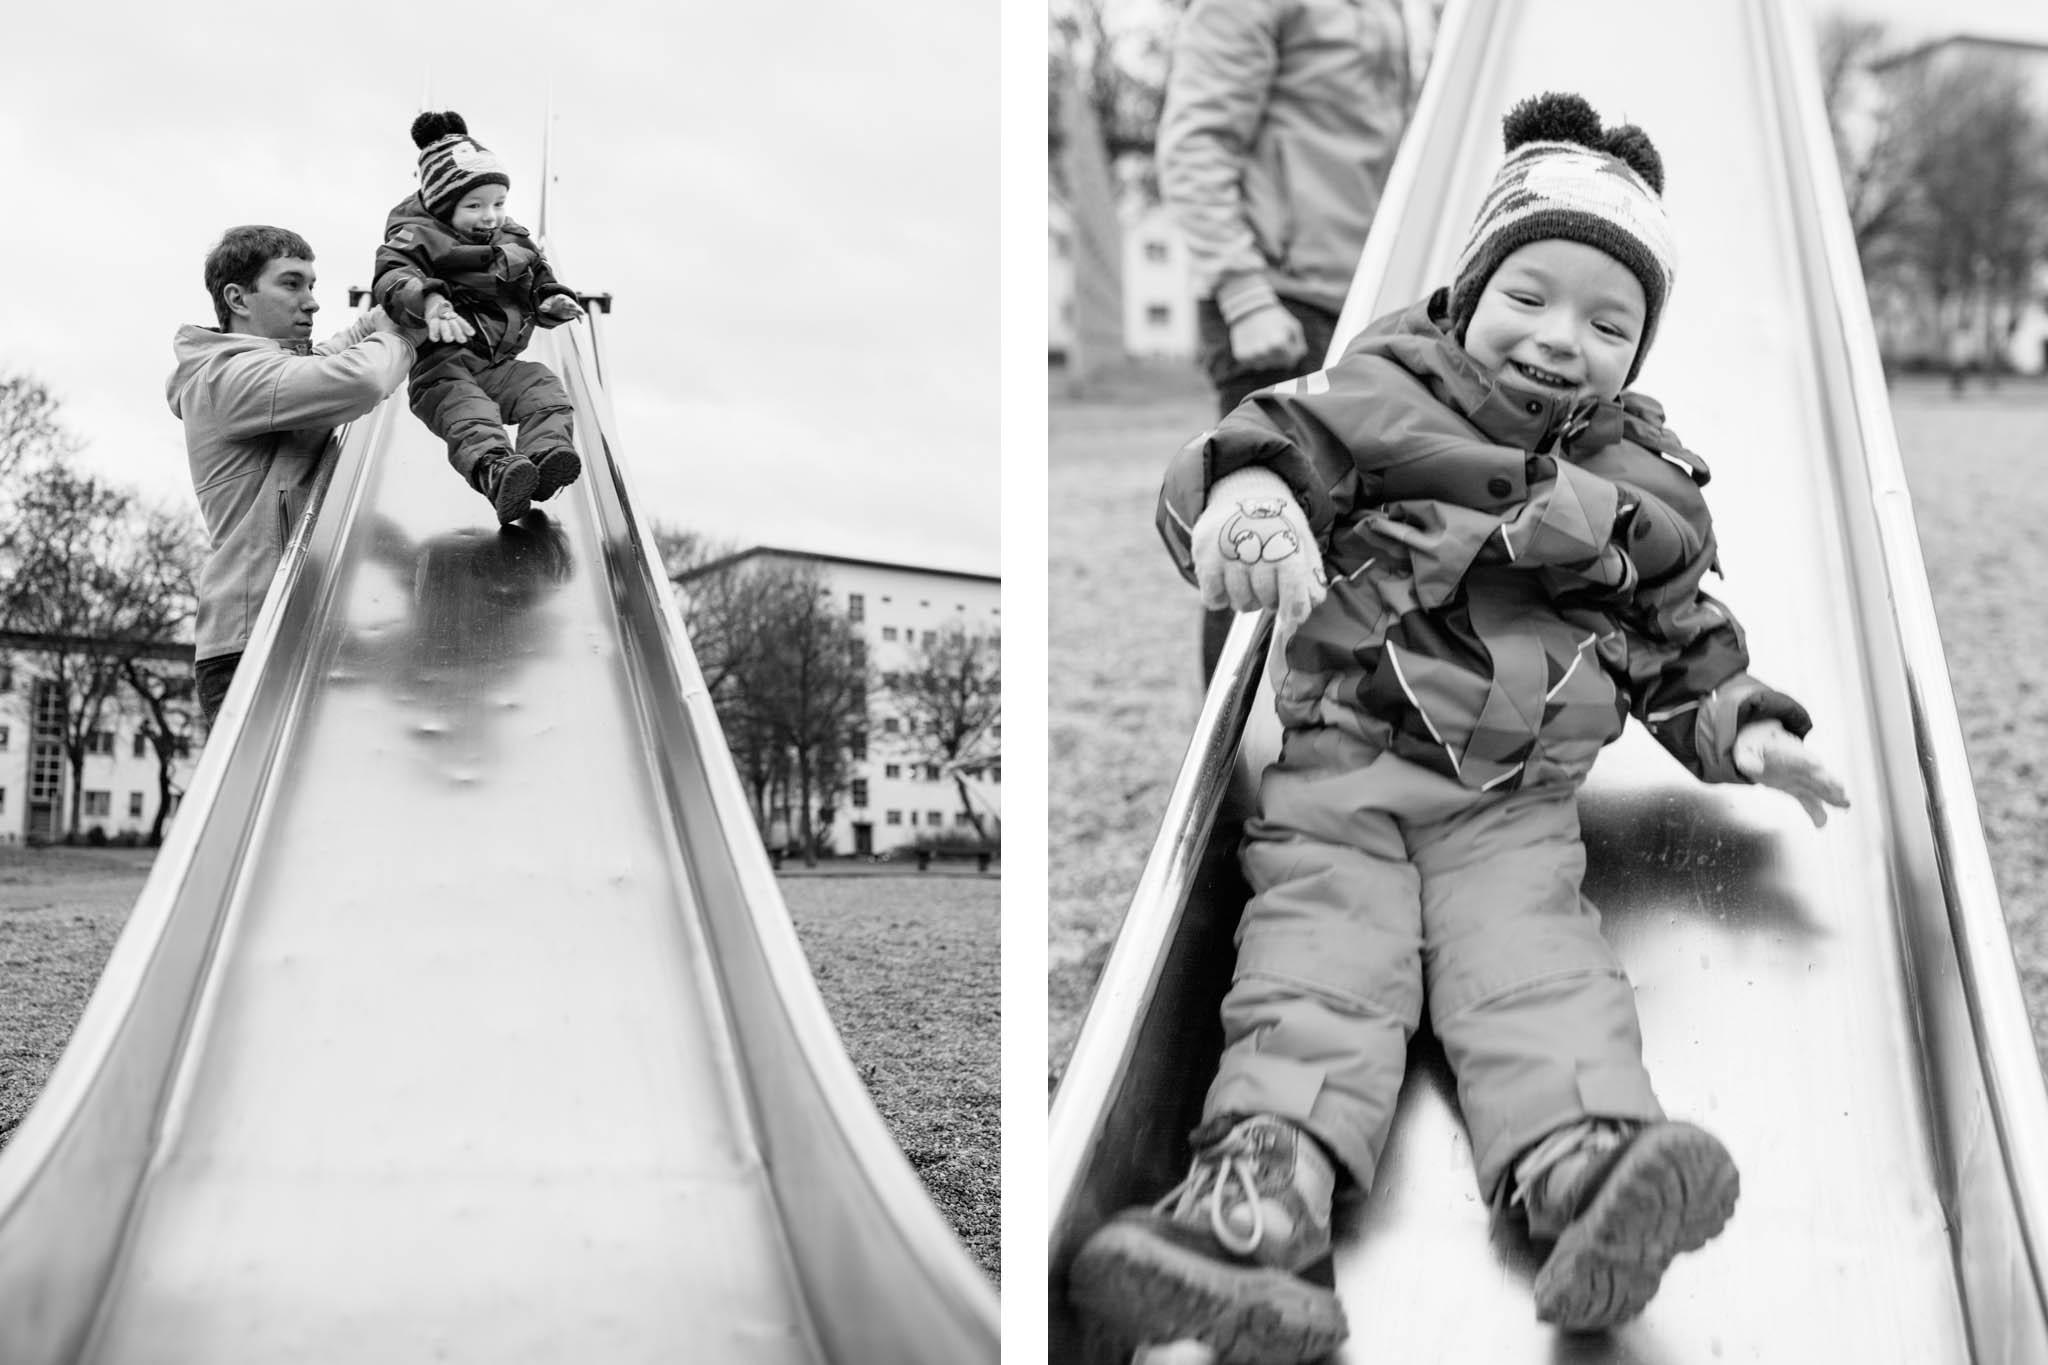 familienportrait-spielplatz-reportage-berlin